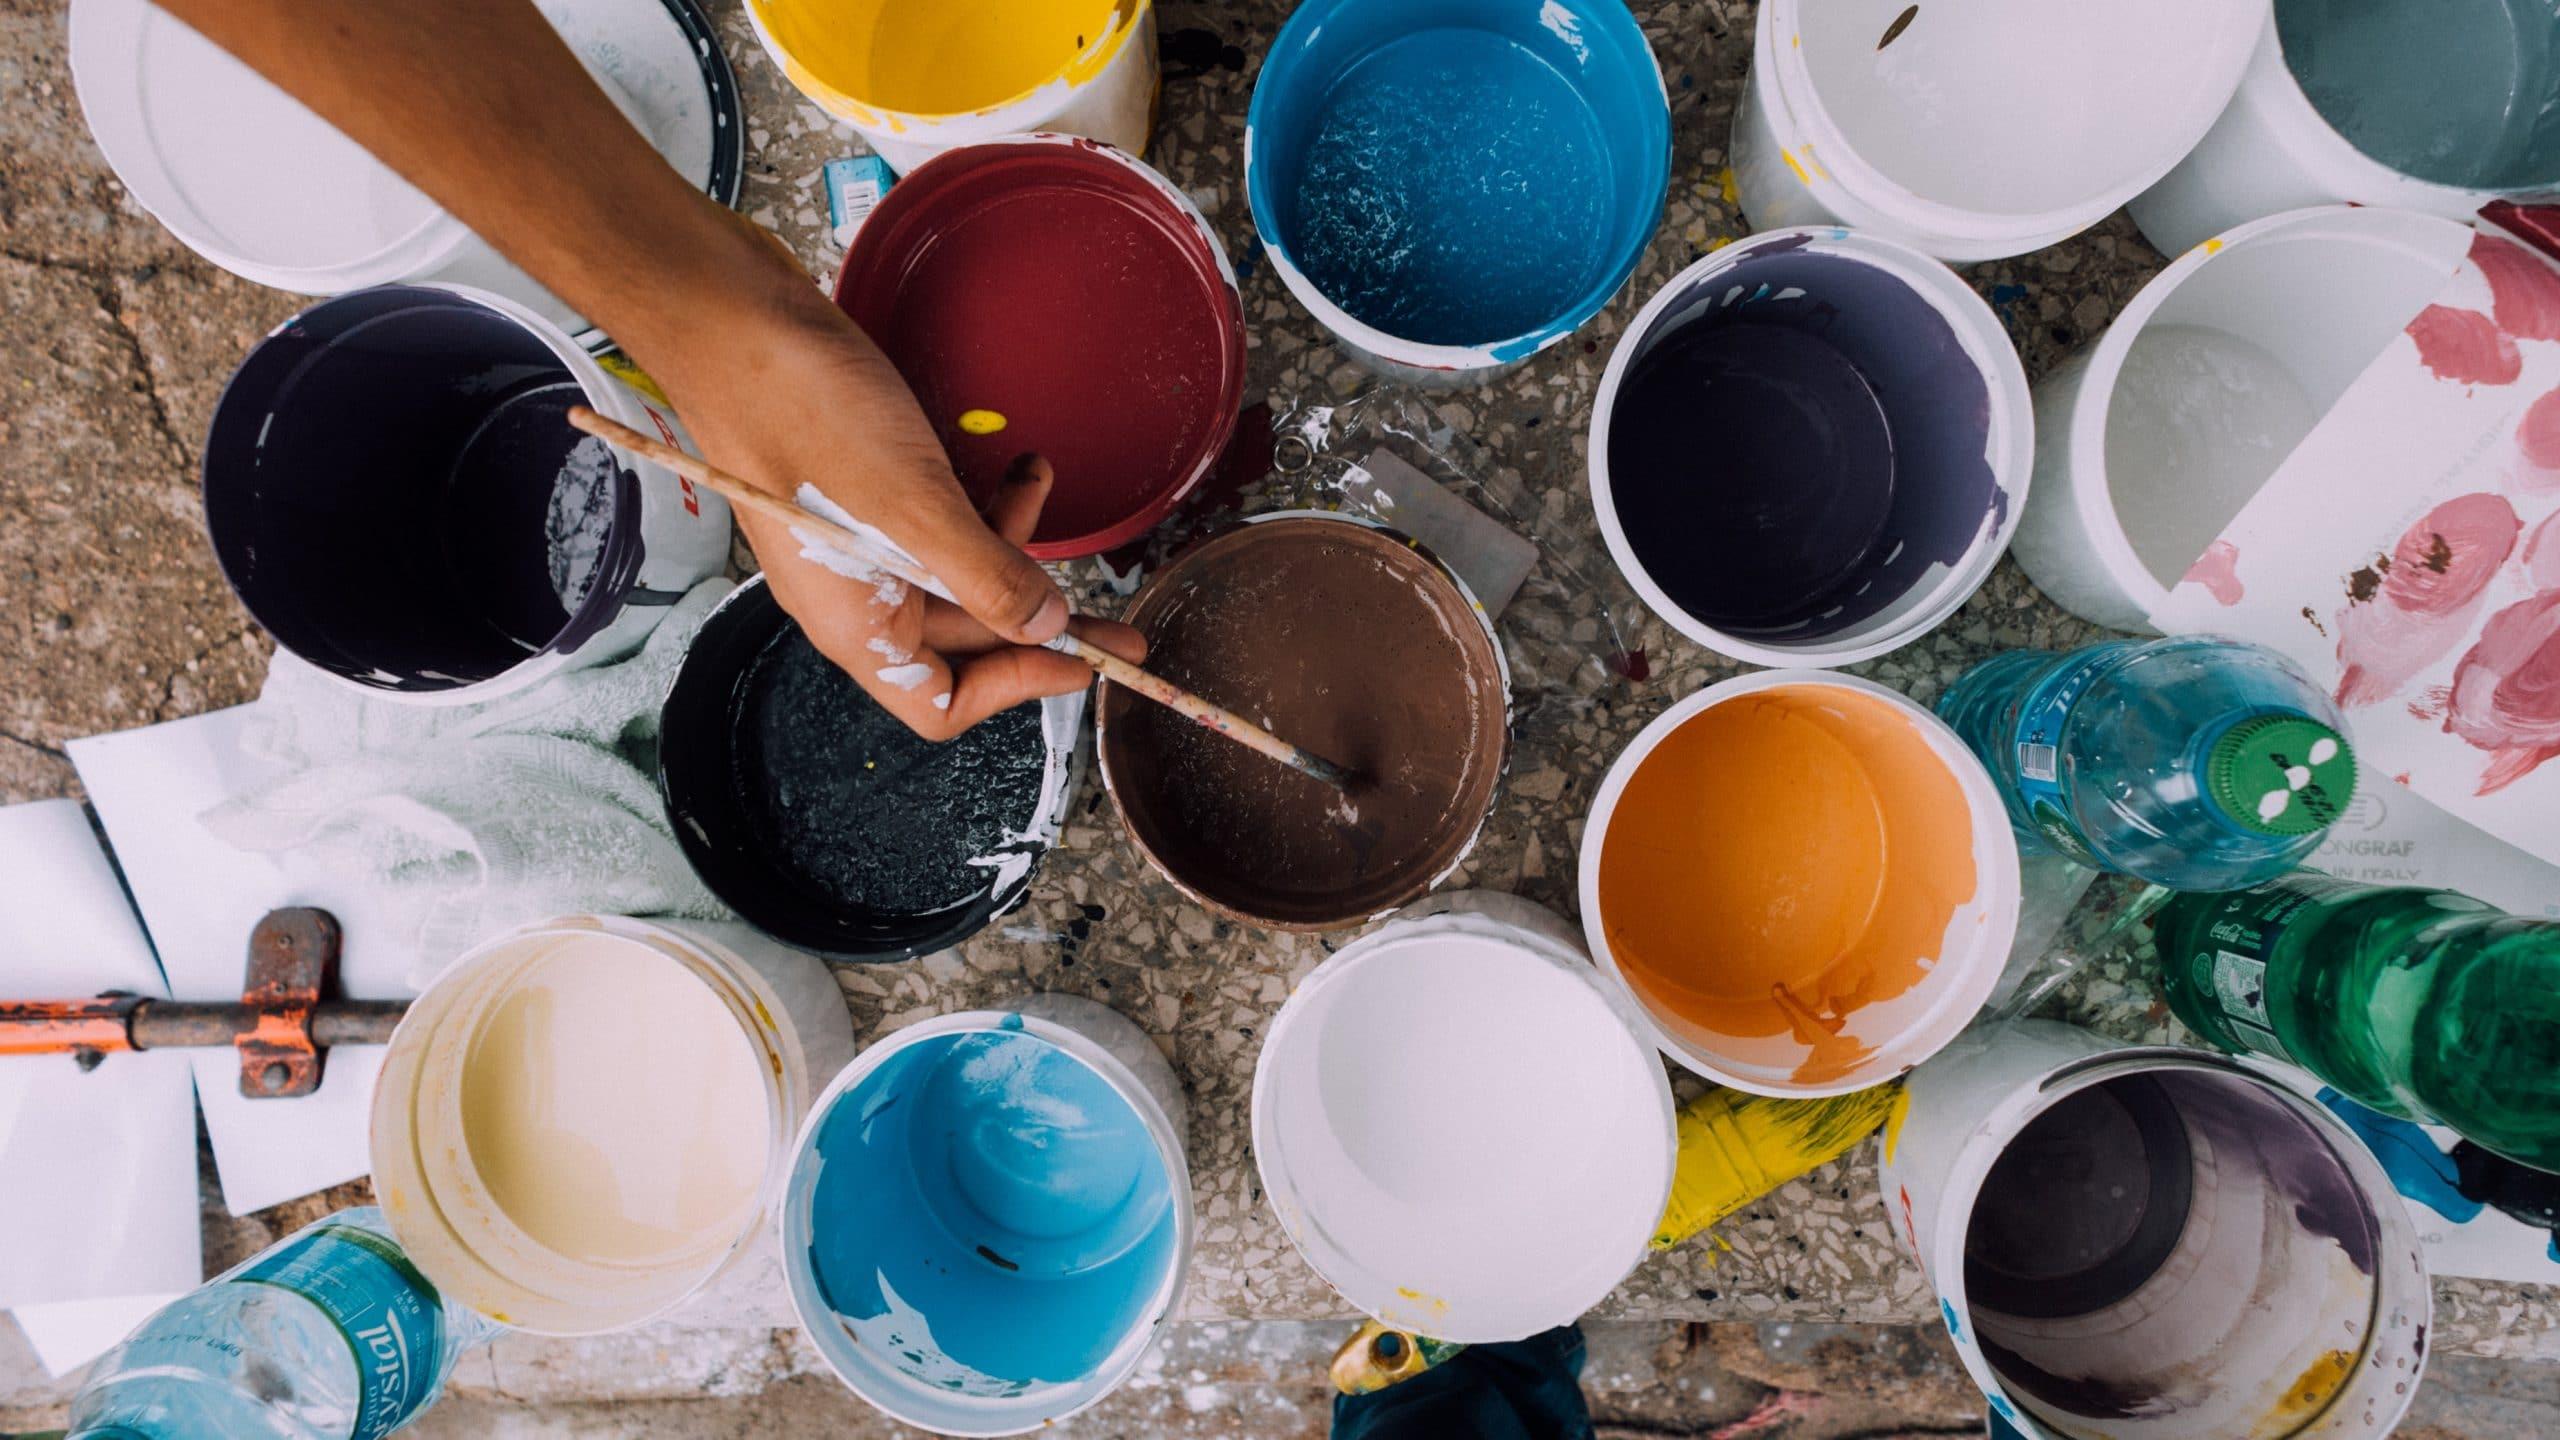 Tubos de tinta e uma mão molhando o pincel.